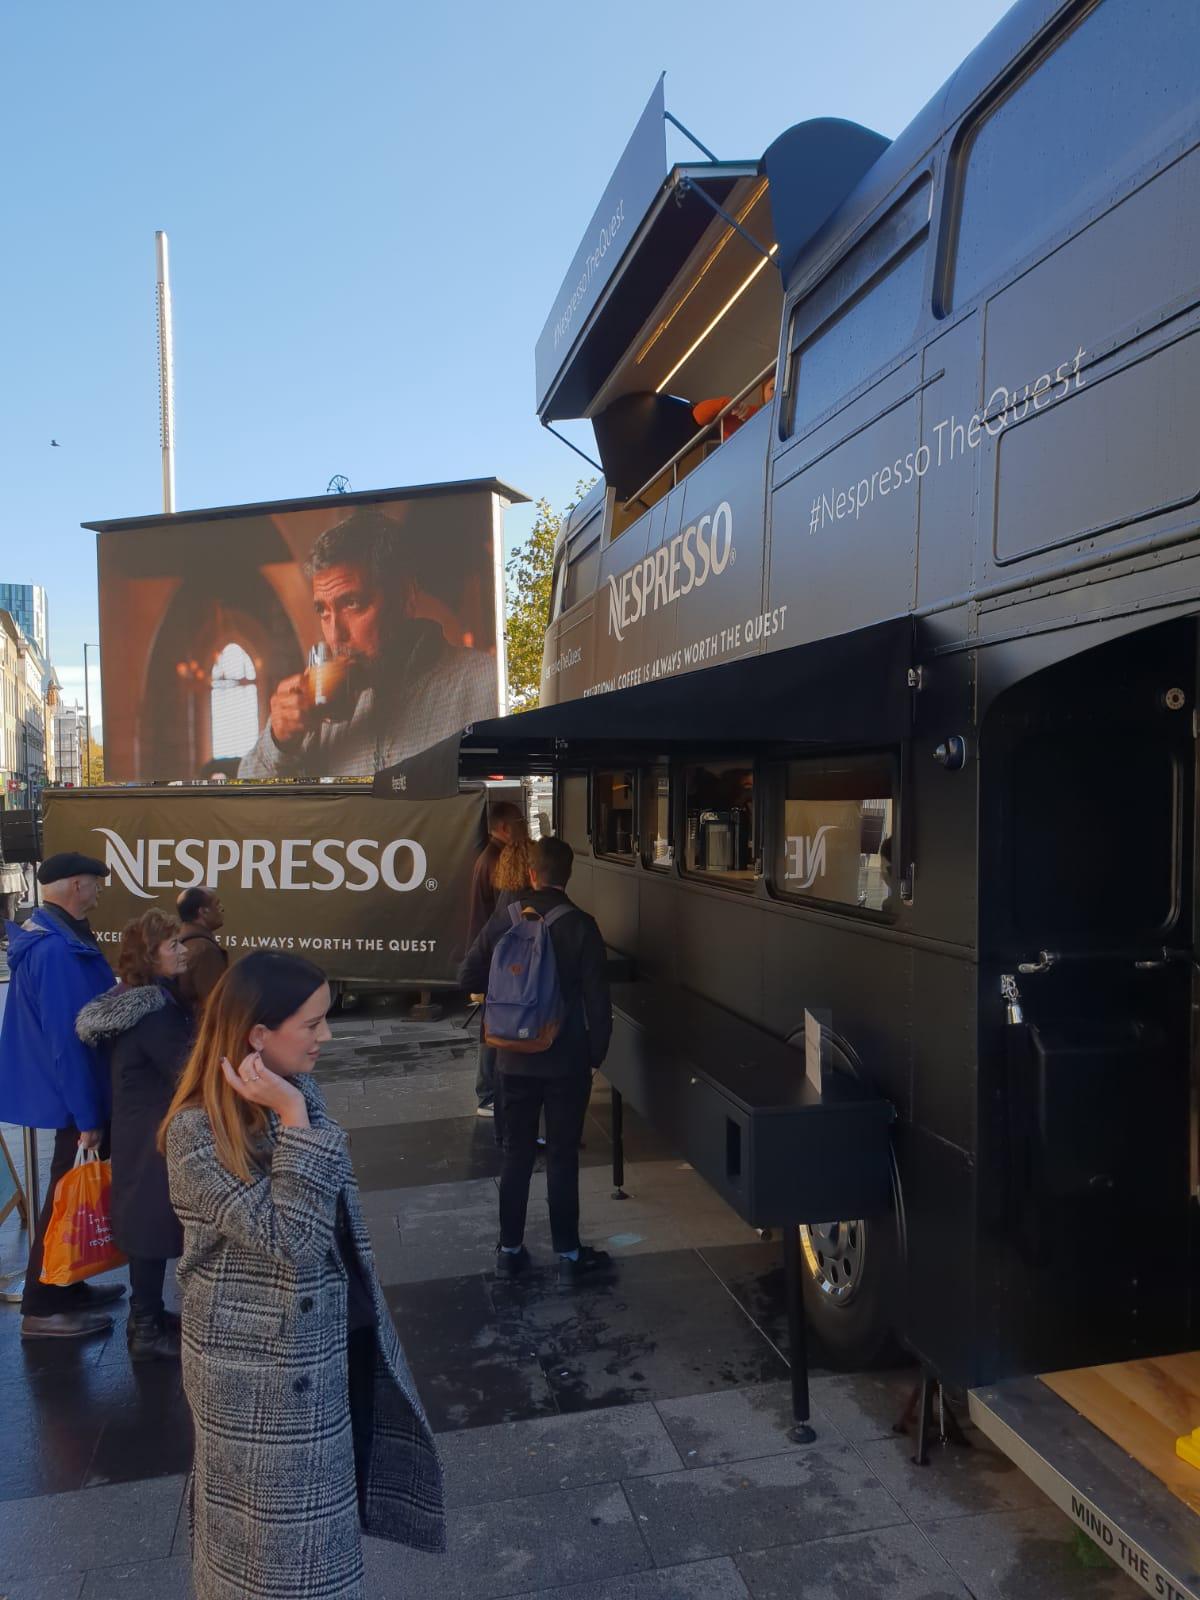 Nespresso9.jpg